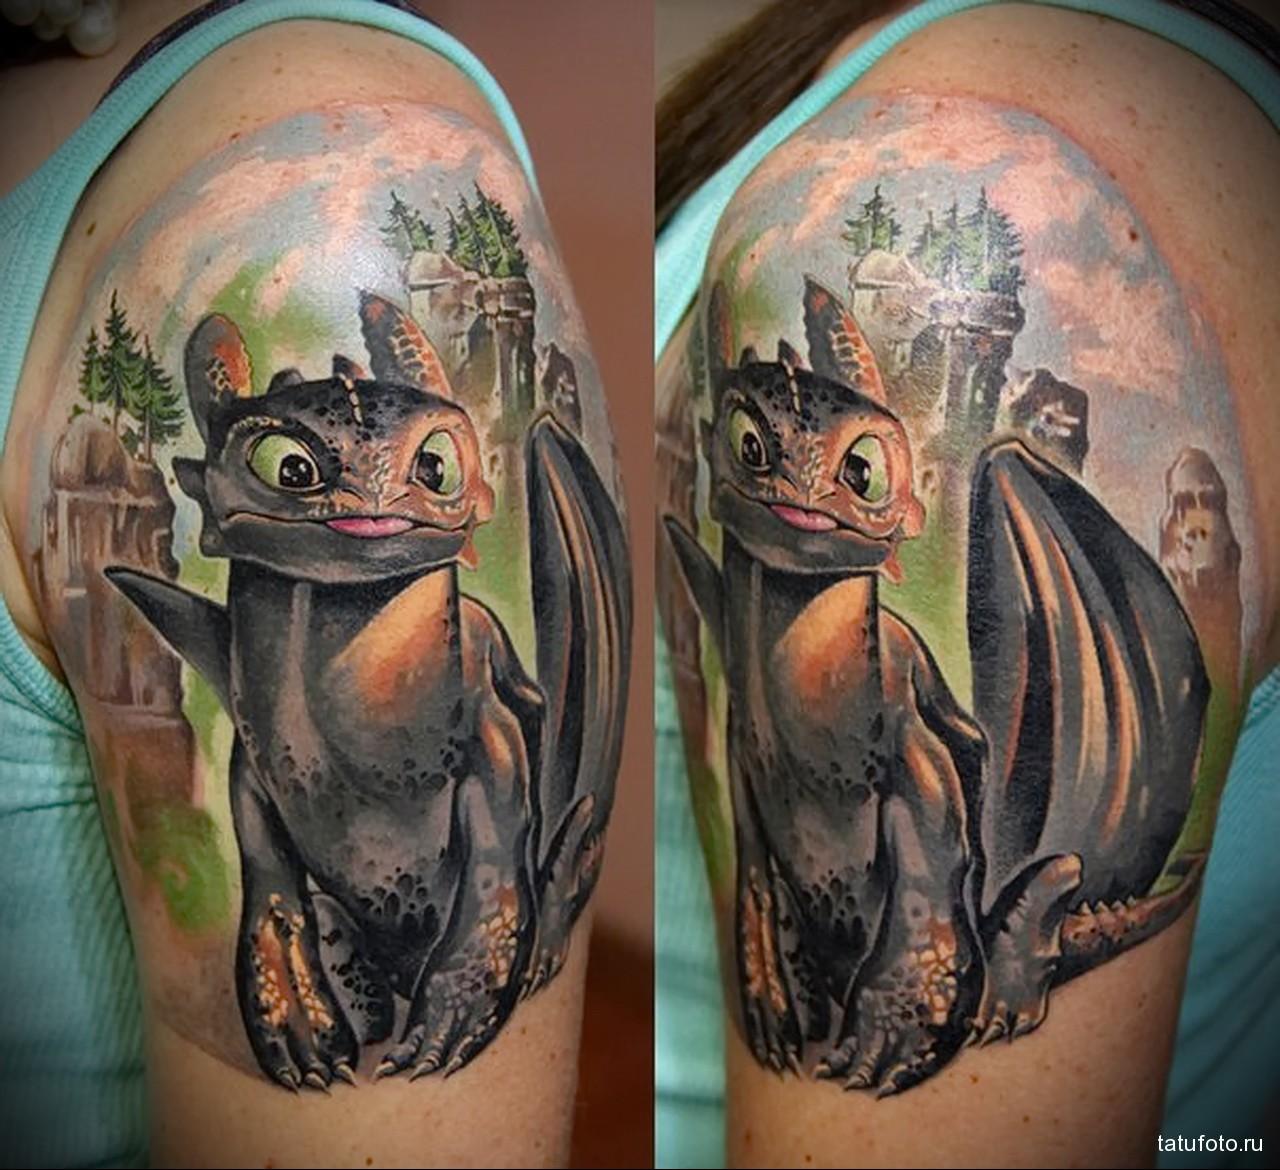 тату дракон из мультика (беззубик) - мужская татуировка на плече